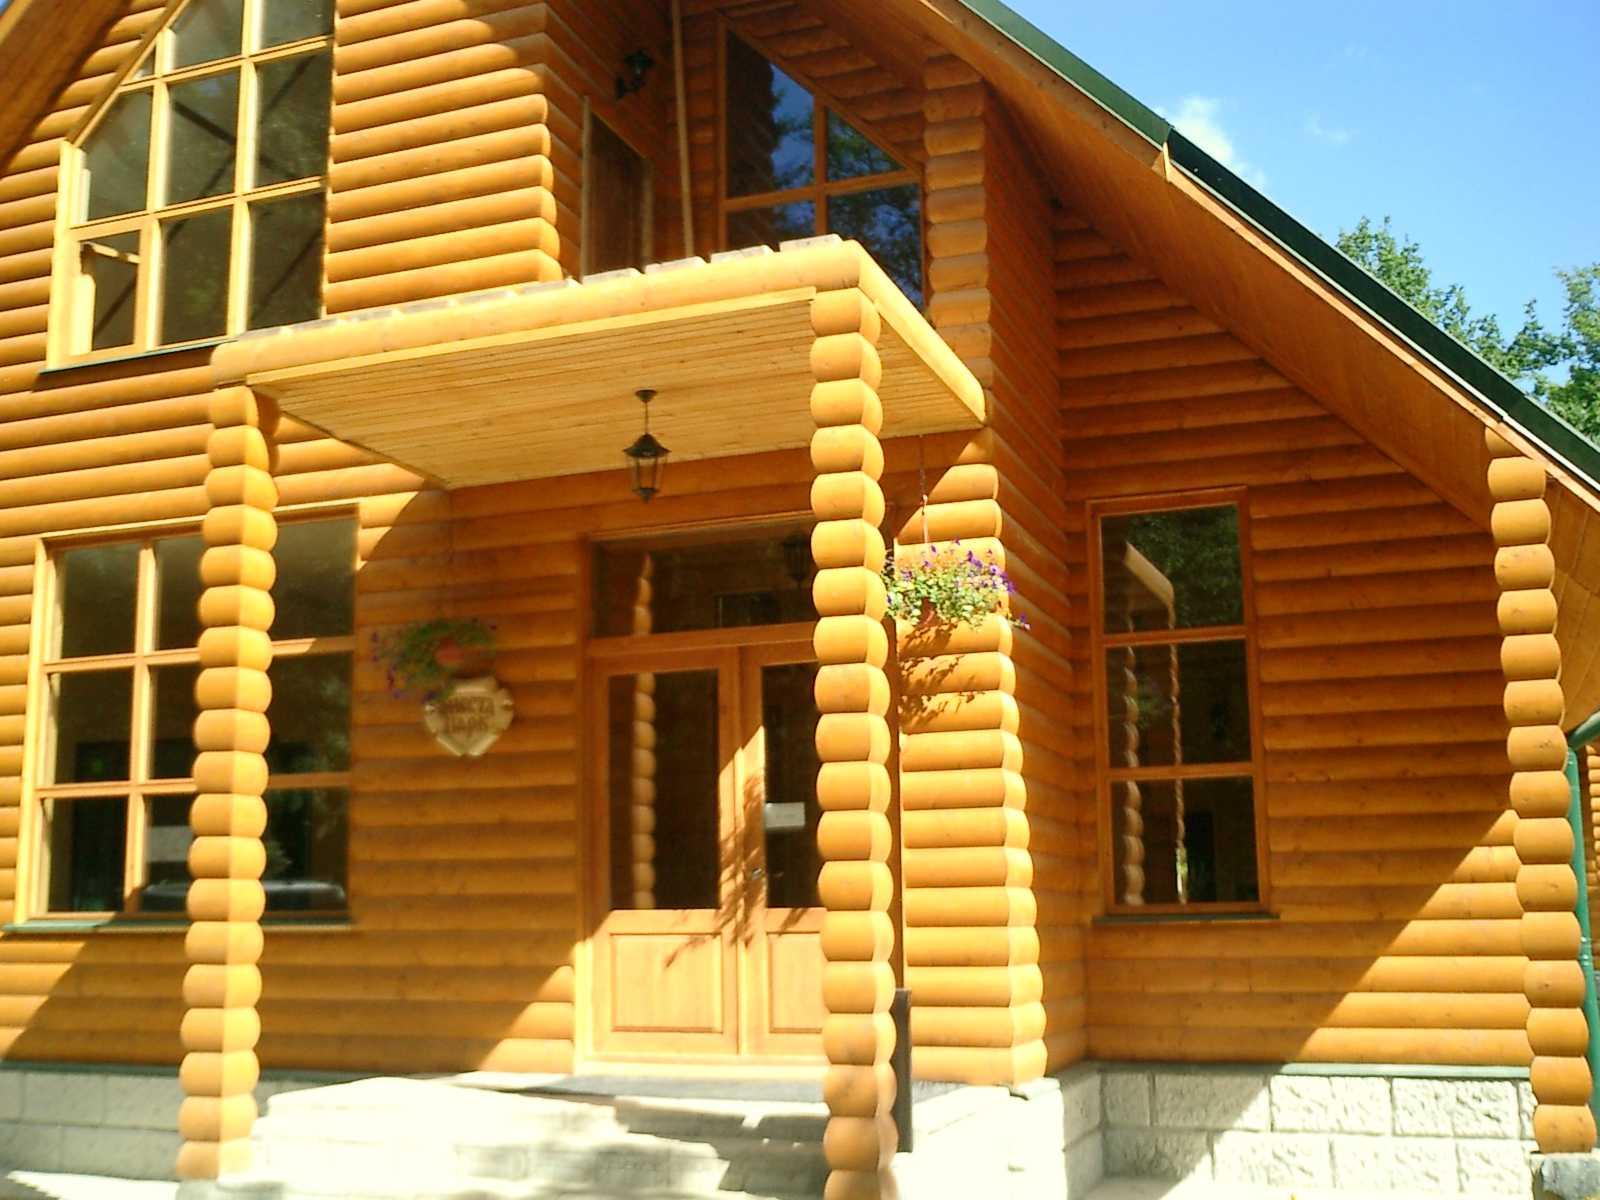 Наша компания занимается строительством домов, беседок, бань, беседок, бытовок, каркасно-щитовых домов в александрове.